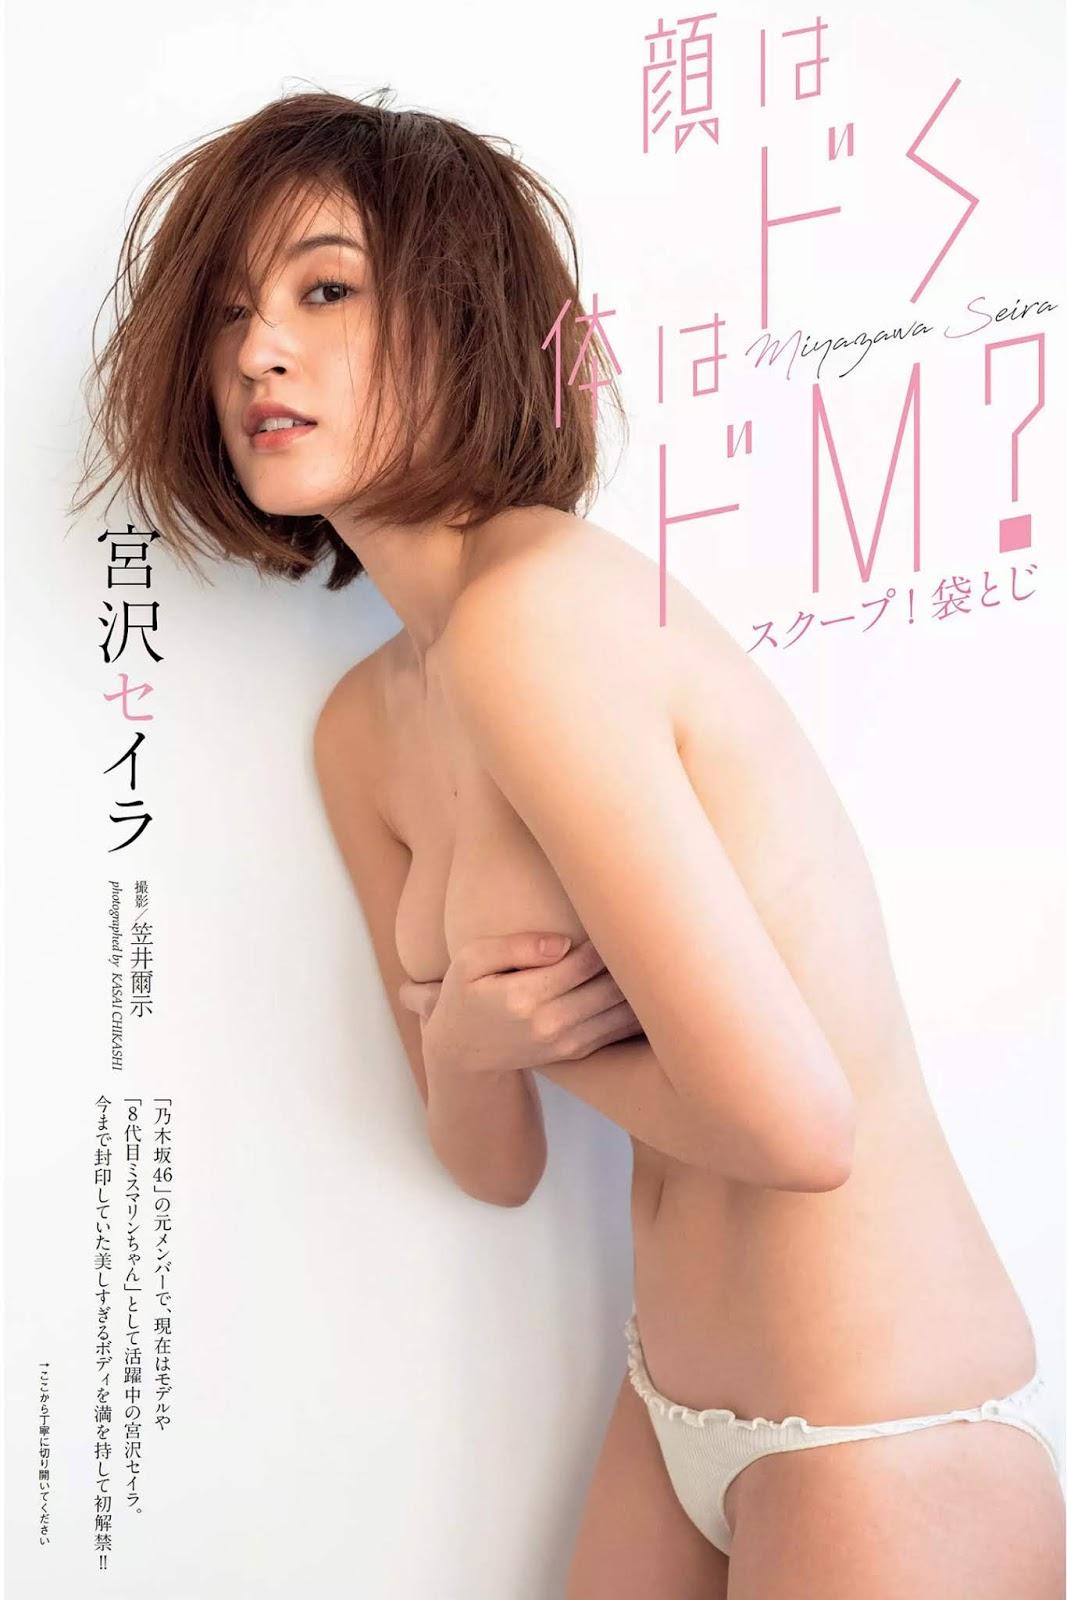 【画像】 元AKBハーフ美少女がヌードキタ━━━━━━━━(゚∀゚)━━━━━━━━!!